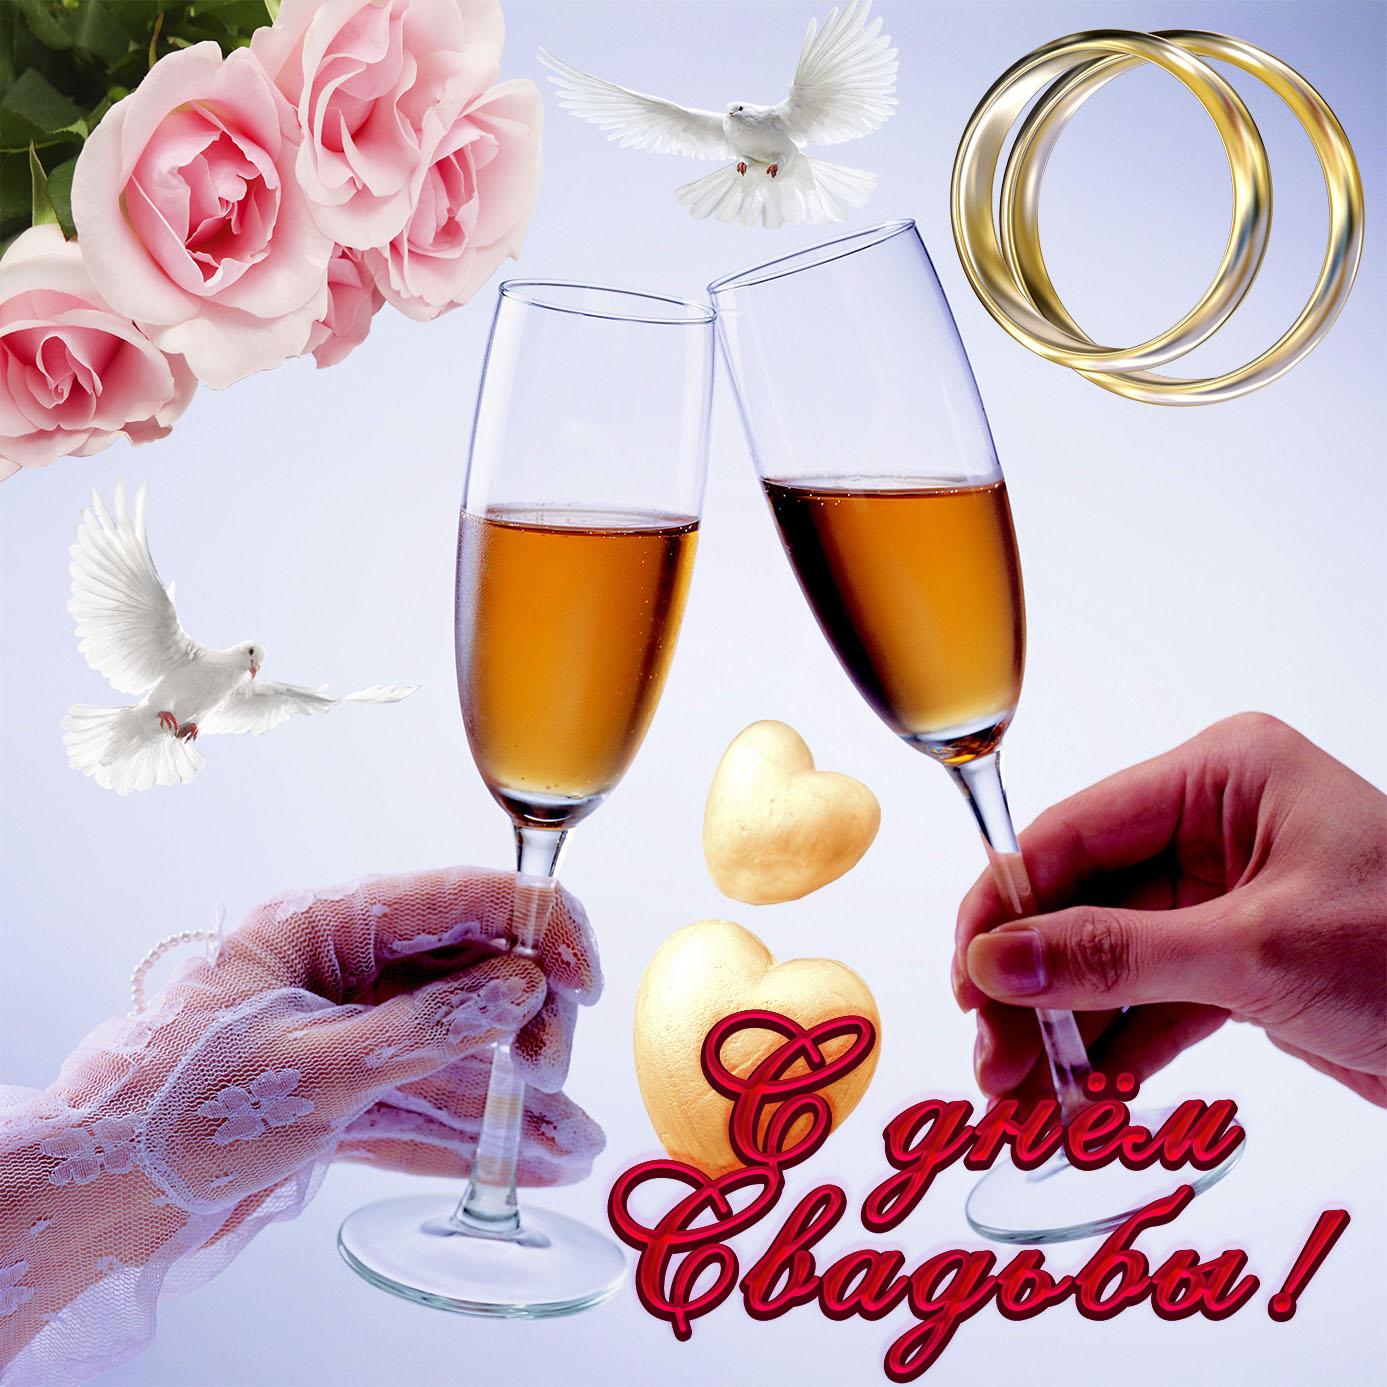 Красивая открытка с бокалами к свадьбе